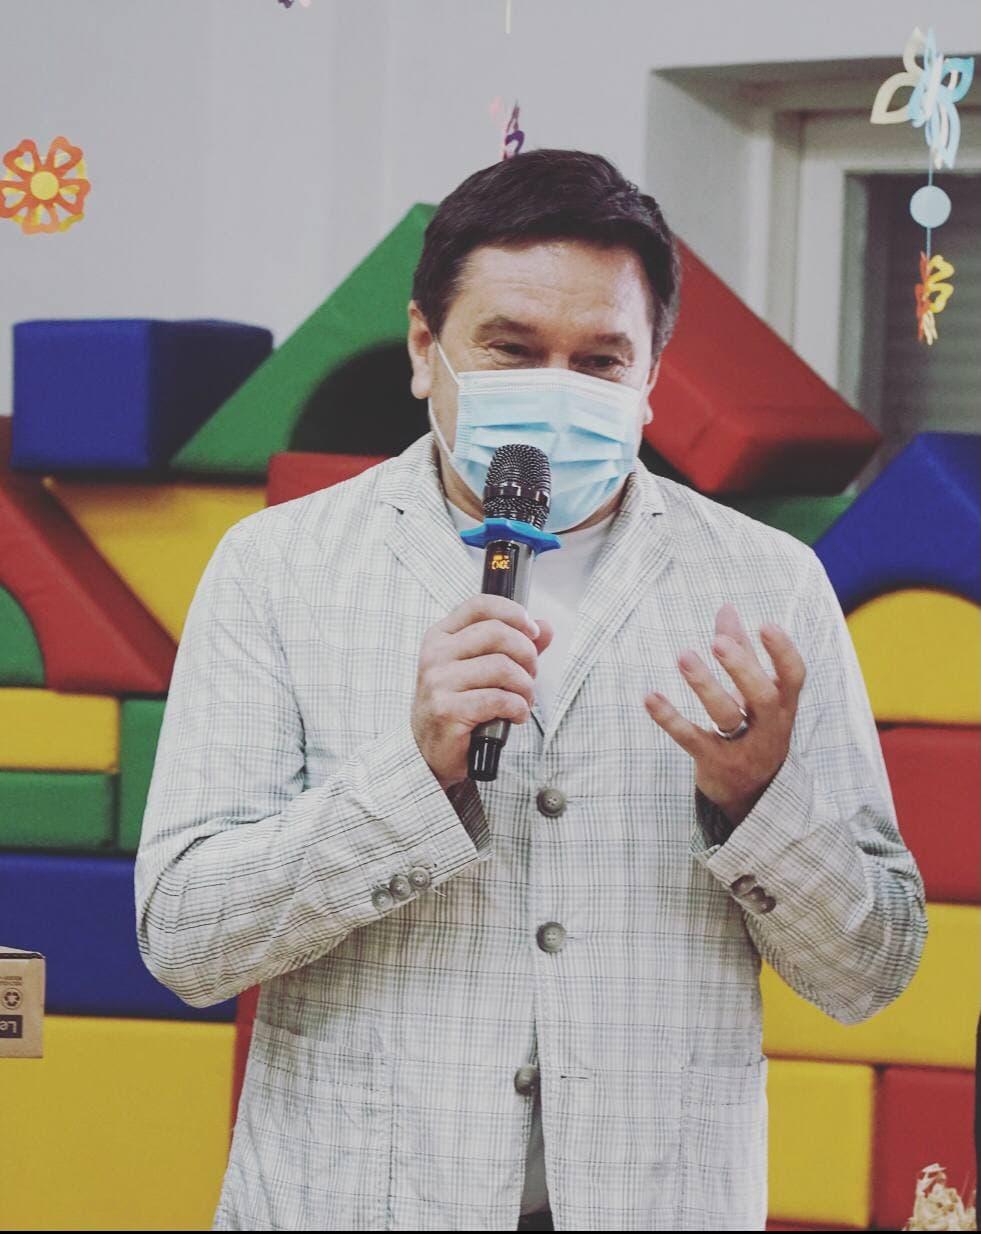 Олександр Ващенко вітає із Днем захисту дітей